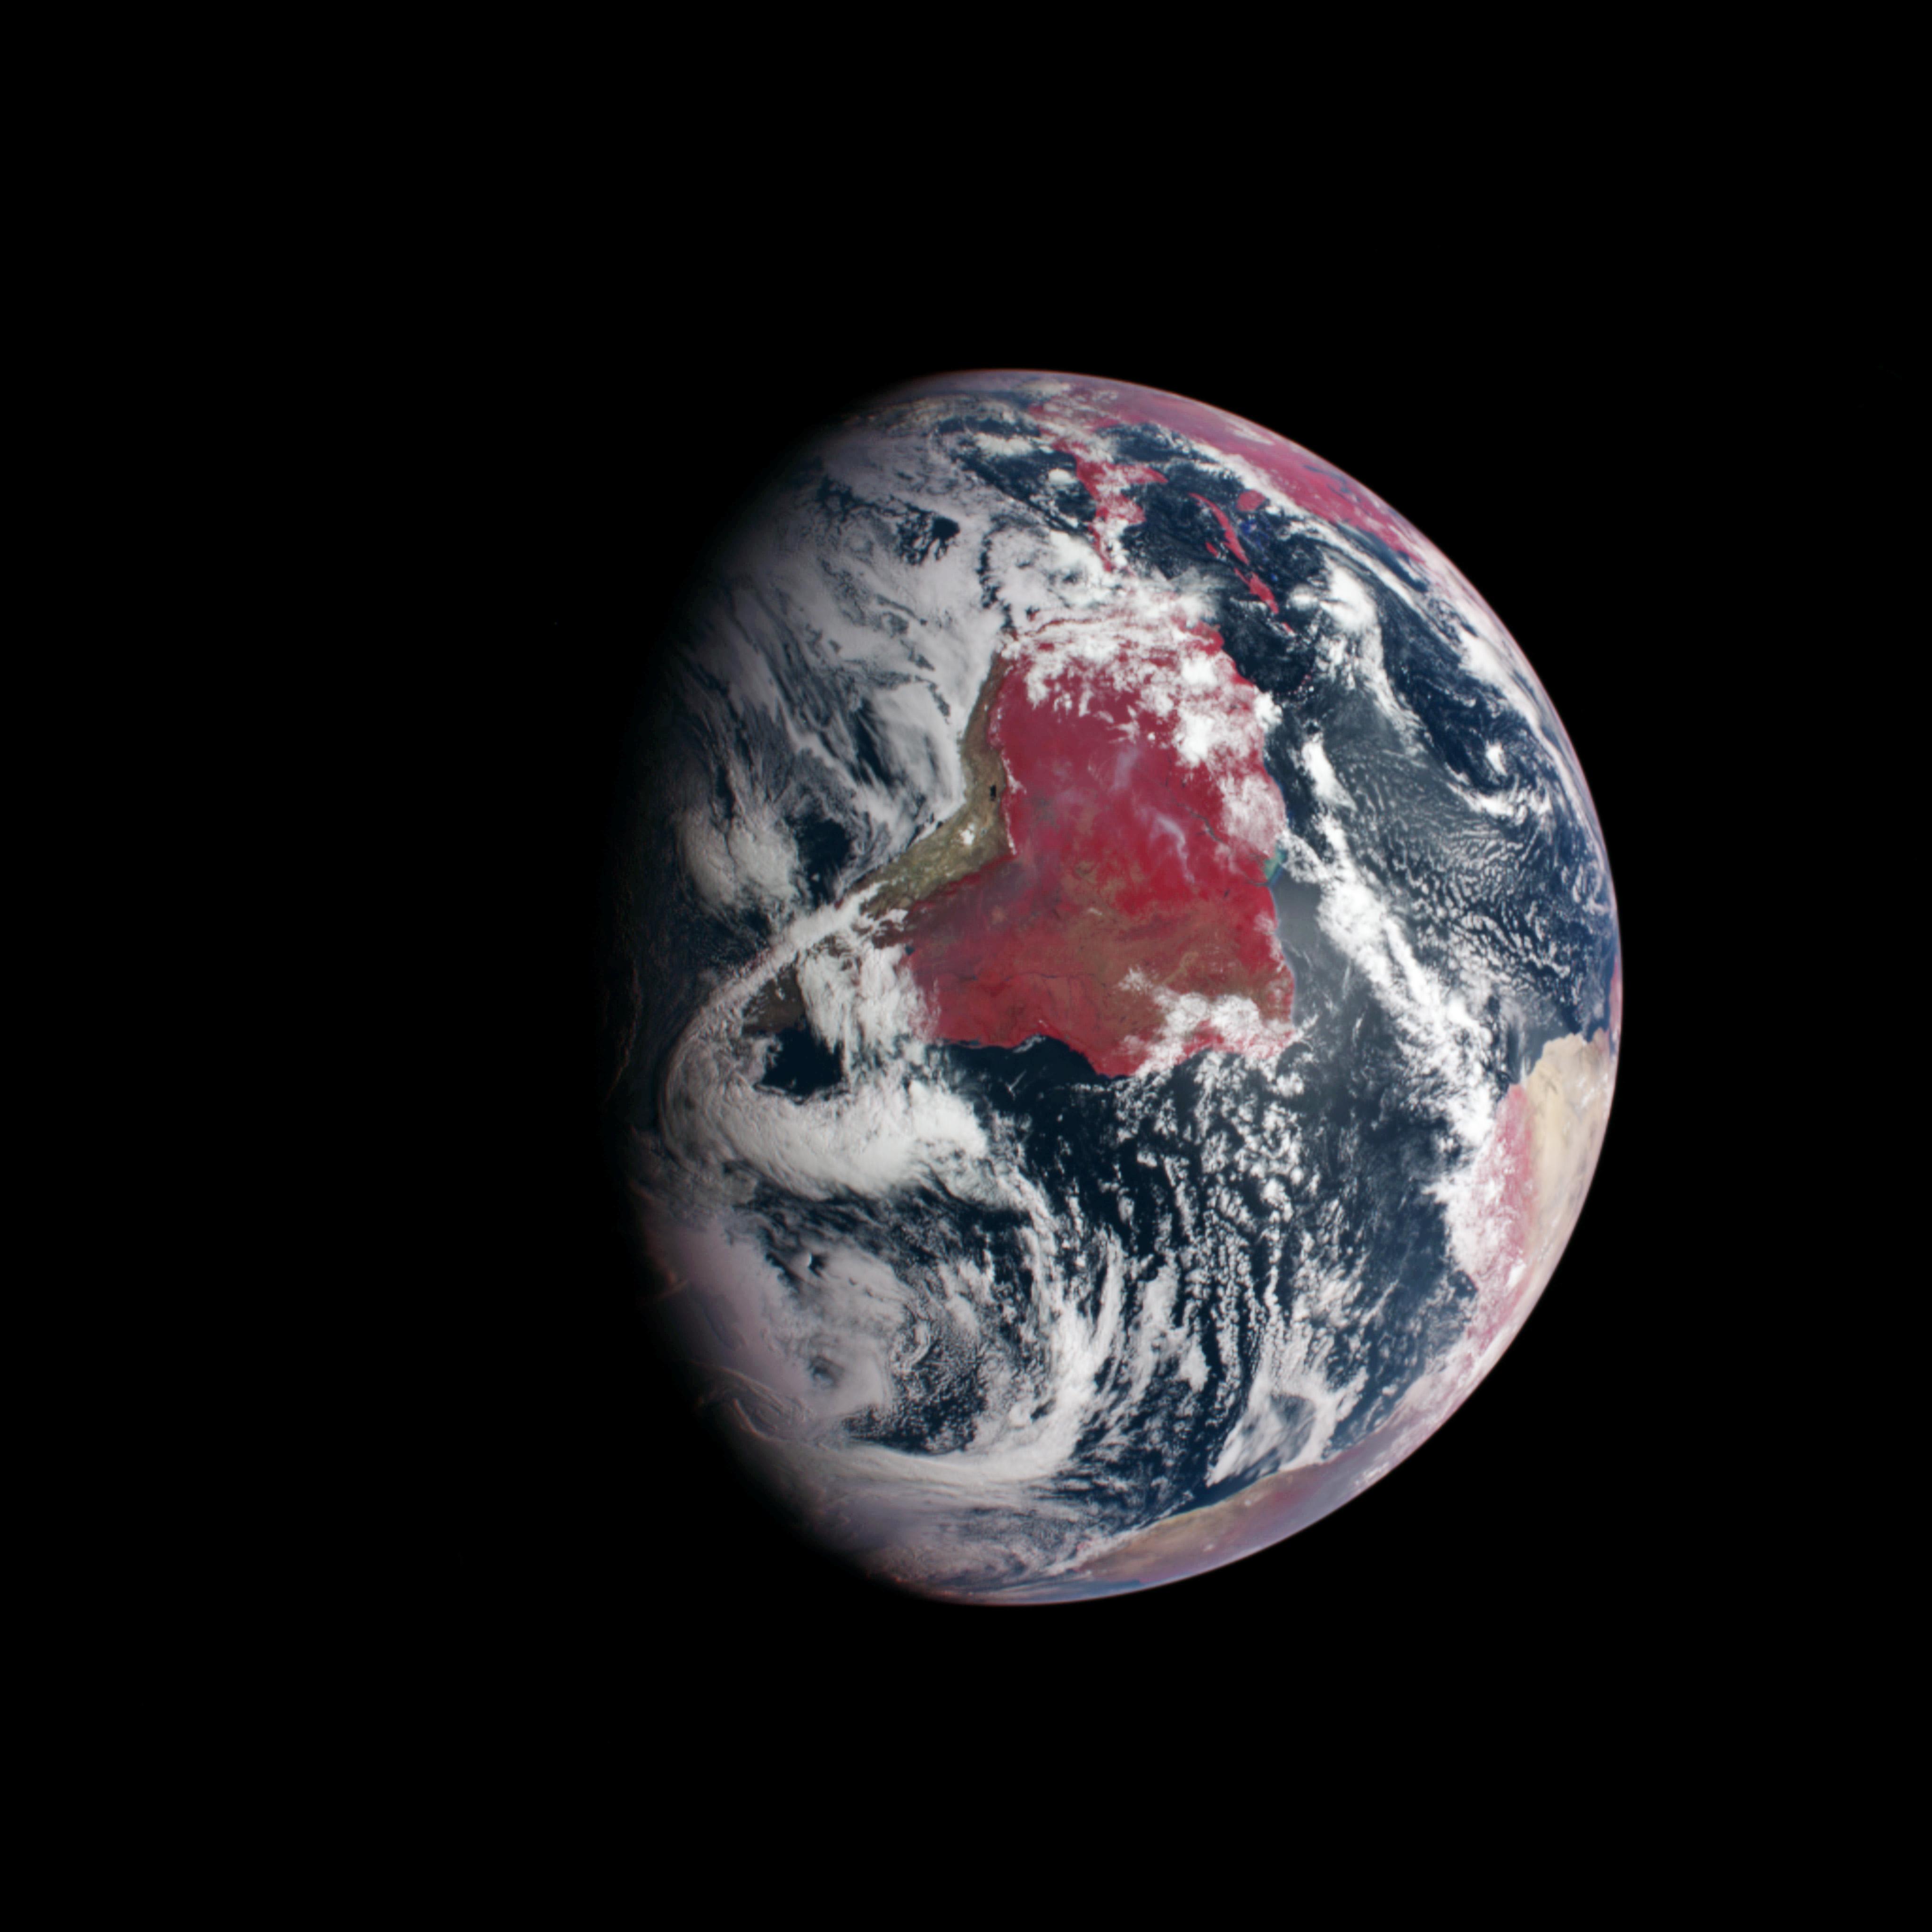 цвет земли из космоса